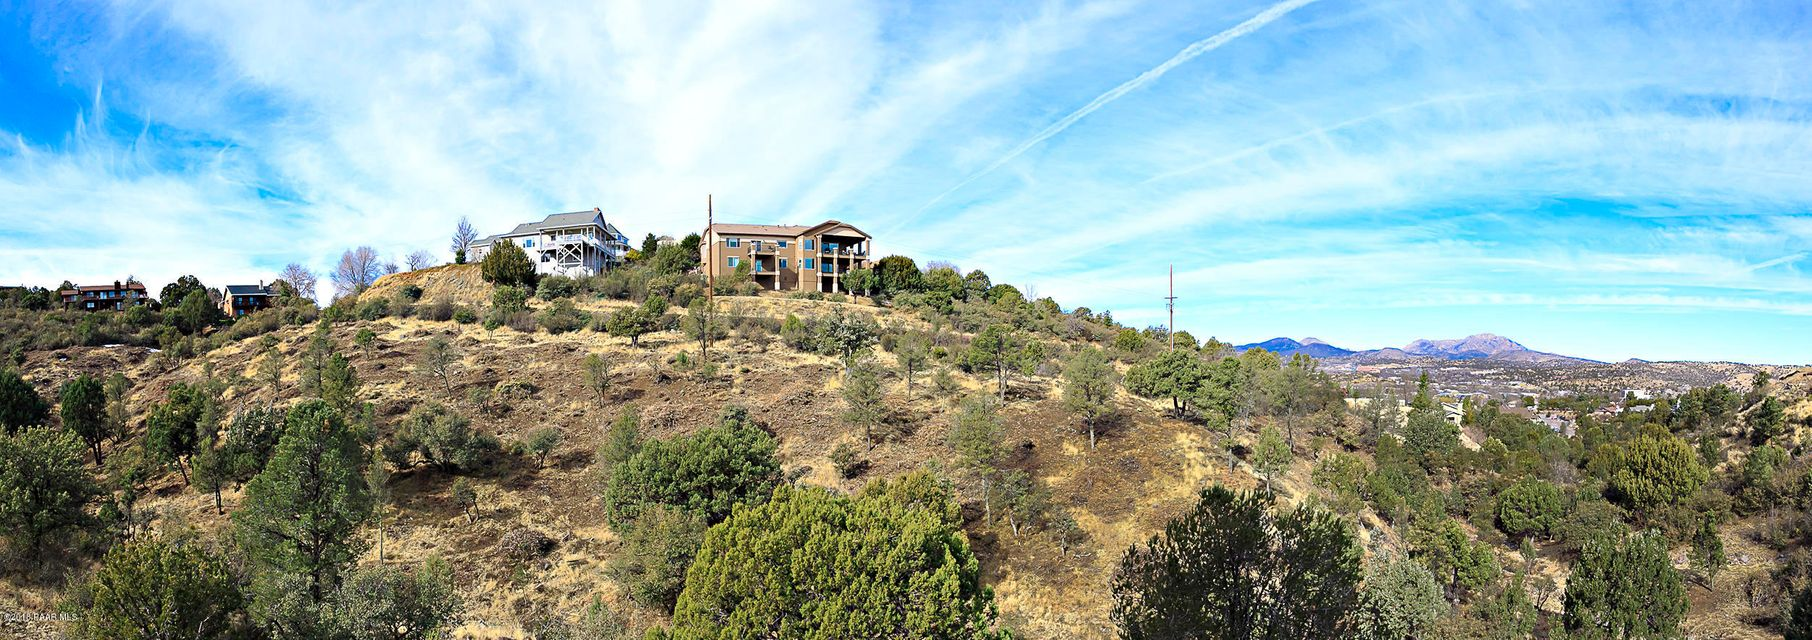 270 Newport Drive Prescott, AZ 86303 - MLS #: 1010166